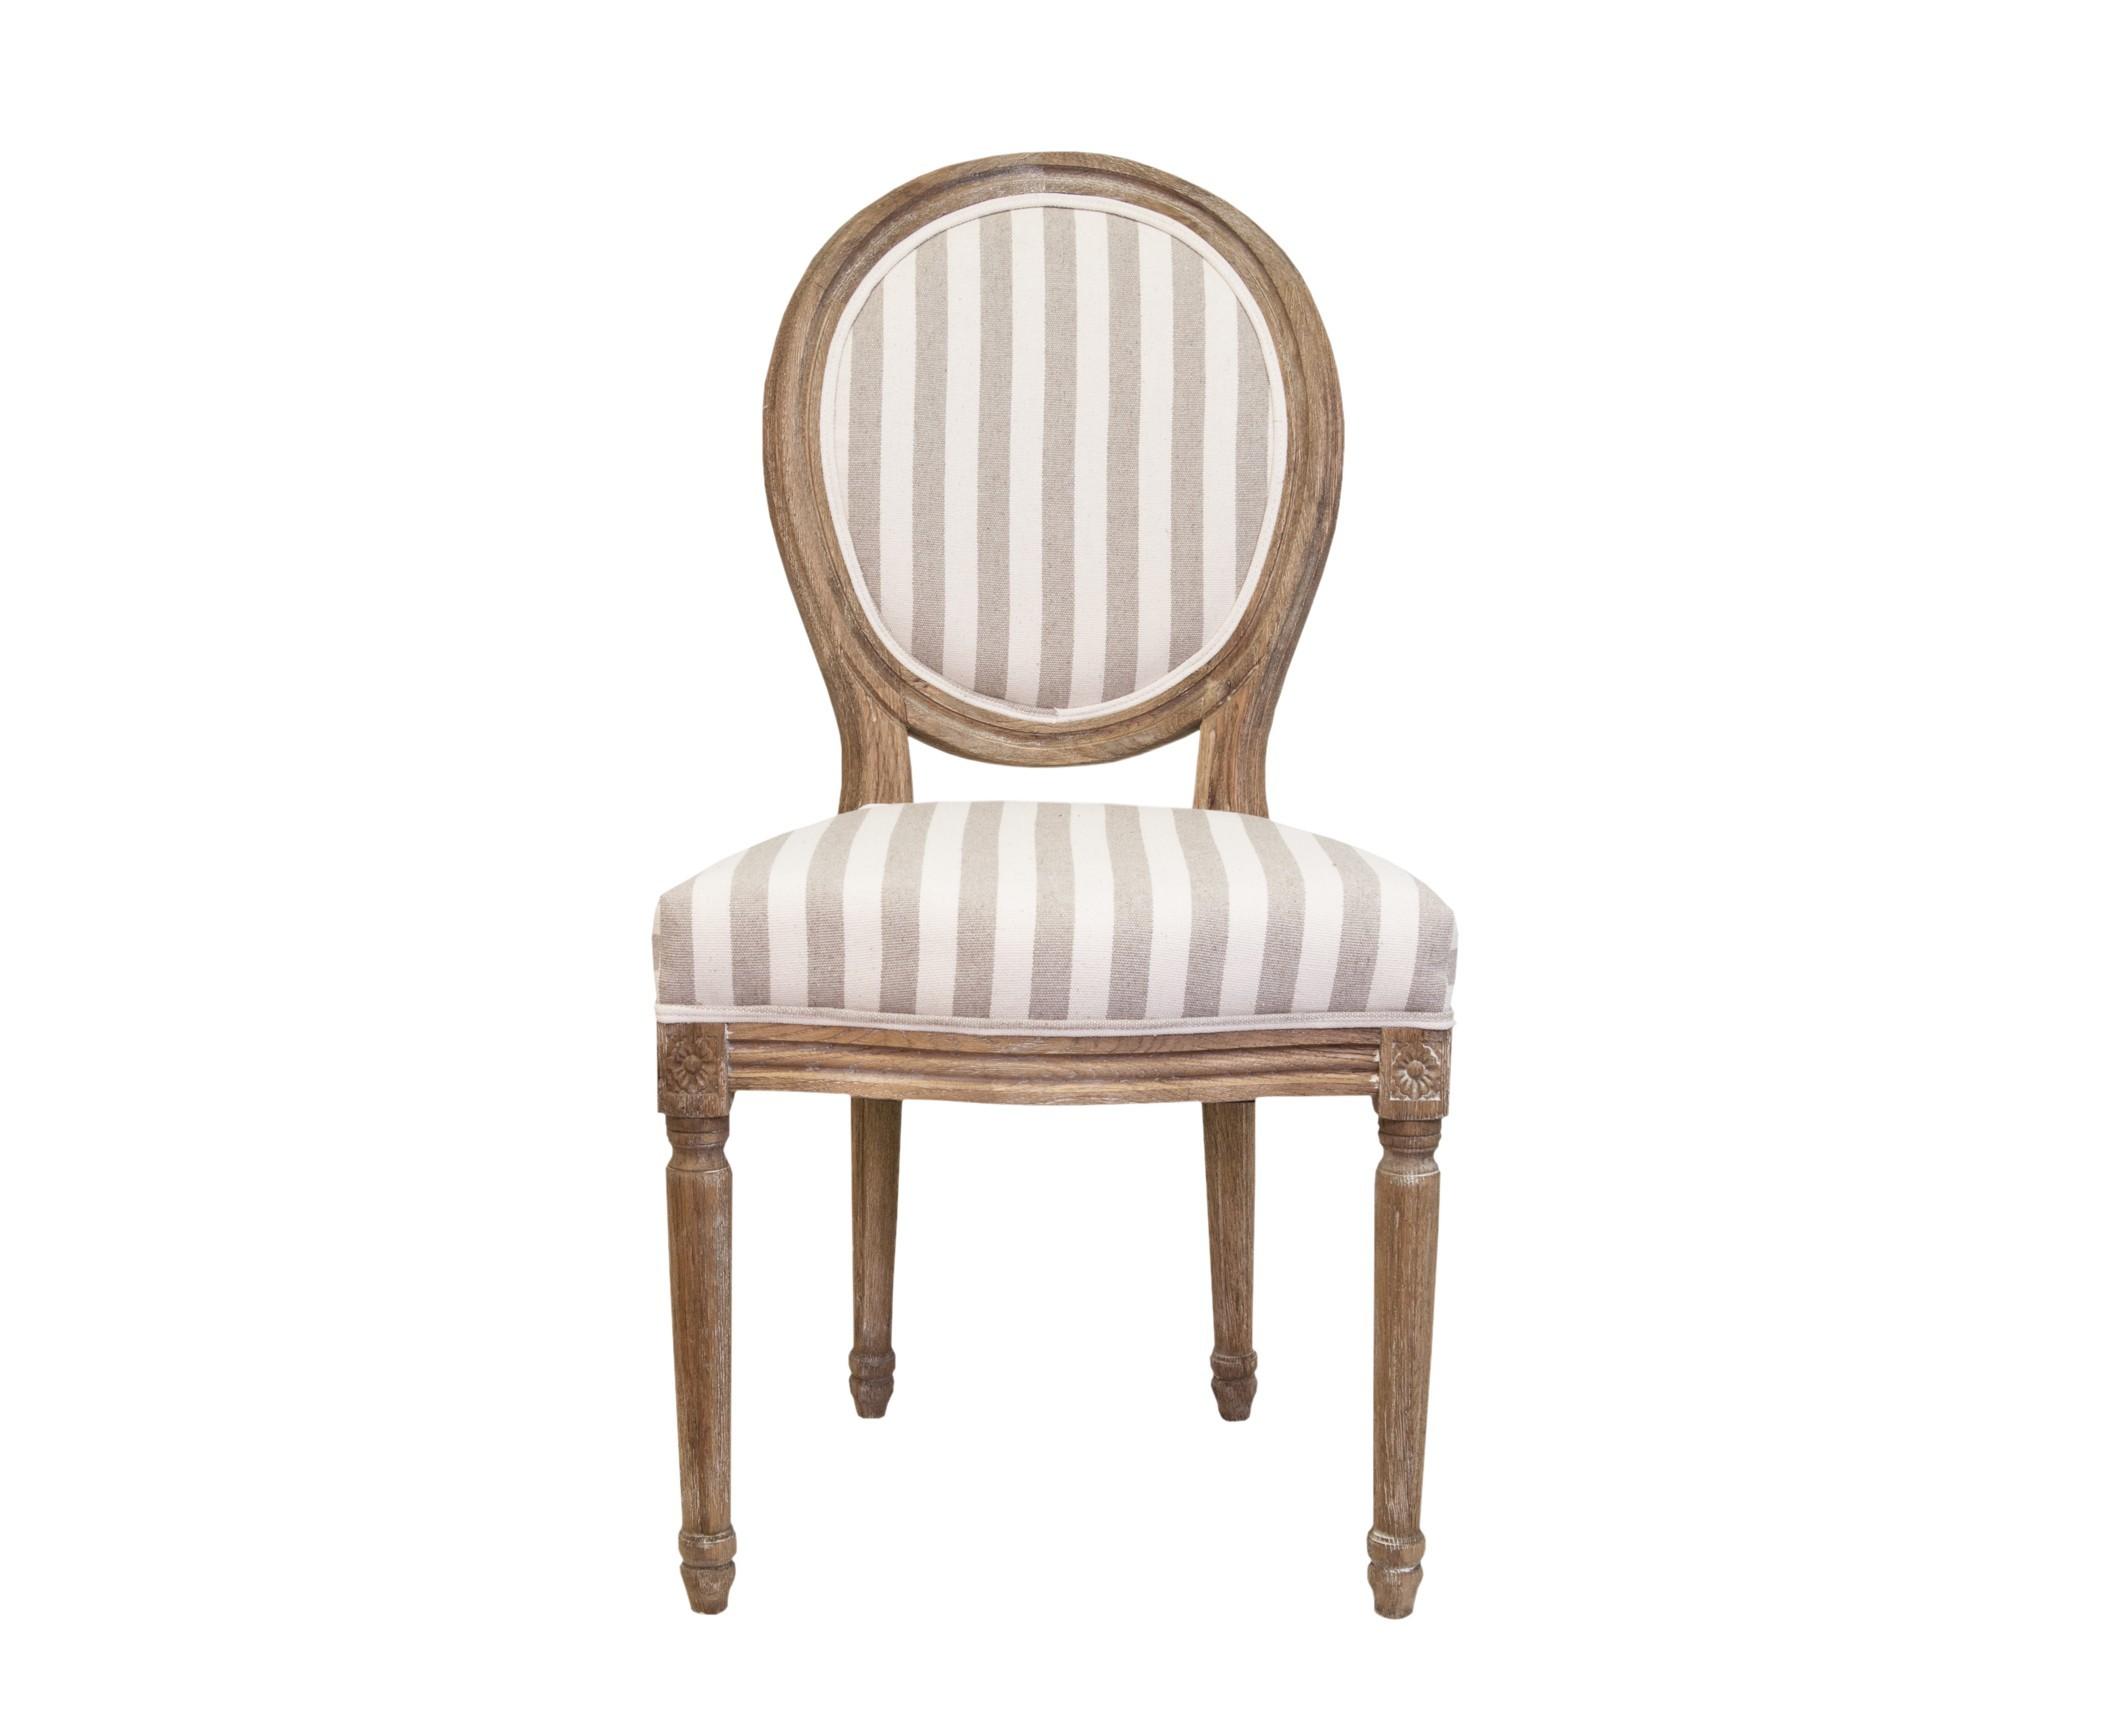 Стул Miro pinstripeОбеденные стулья<br>Изысканный стул Miro с округлой спинкой напоминающей медальон, выполнен в элегантном классическом французском стиле. Основание модели выполнено из цельной породы древесины - массива дуба, искусственно состаренного. Такой стул эффектно смотрится как в контрастной, так и в однотонной обстановке. &amp;amp;nbsp;<br><br>Material: Дуб<br>Width см: 50<br>Depth см: 56<br>Height см: 96